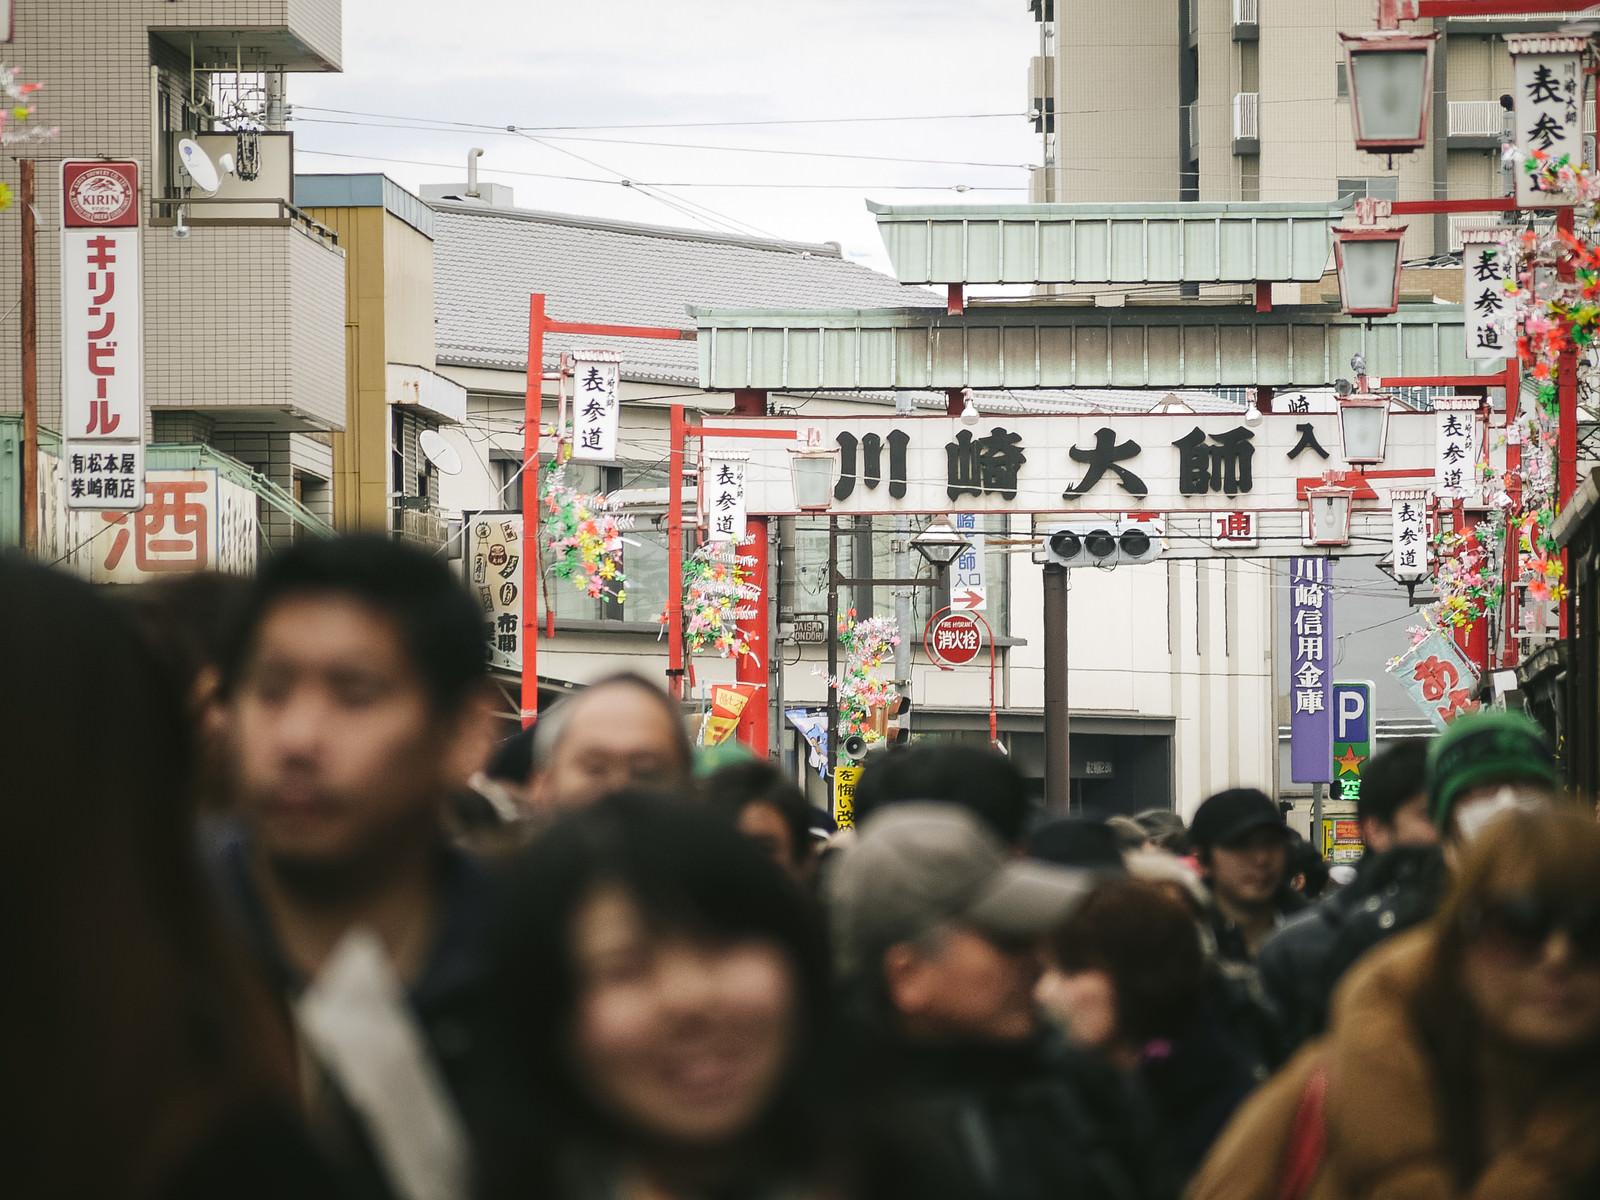 「人混みで溢れる川崎大師」の写真